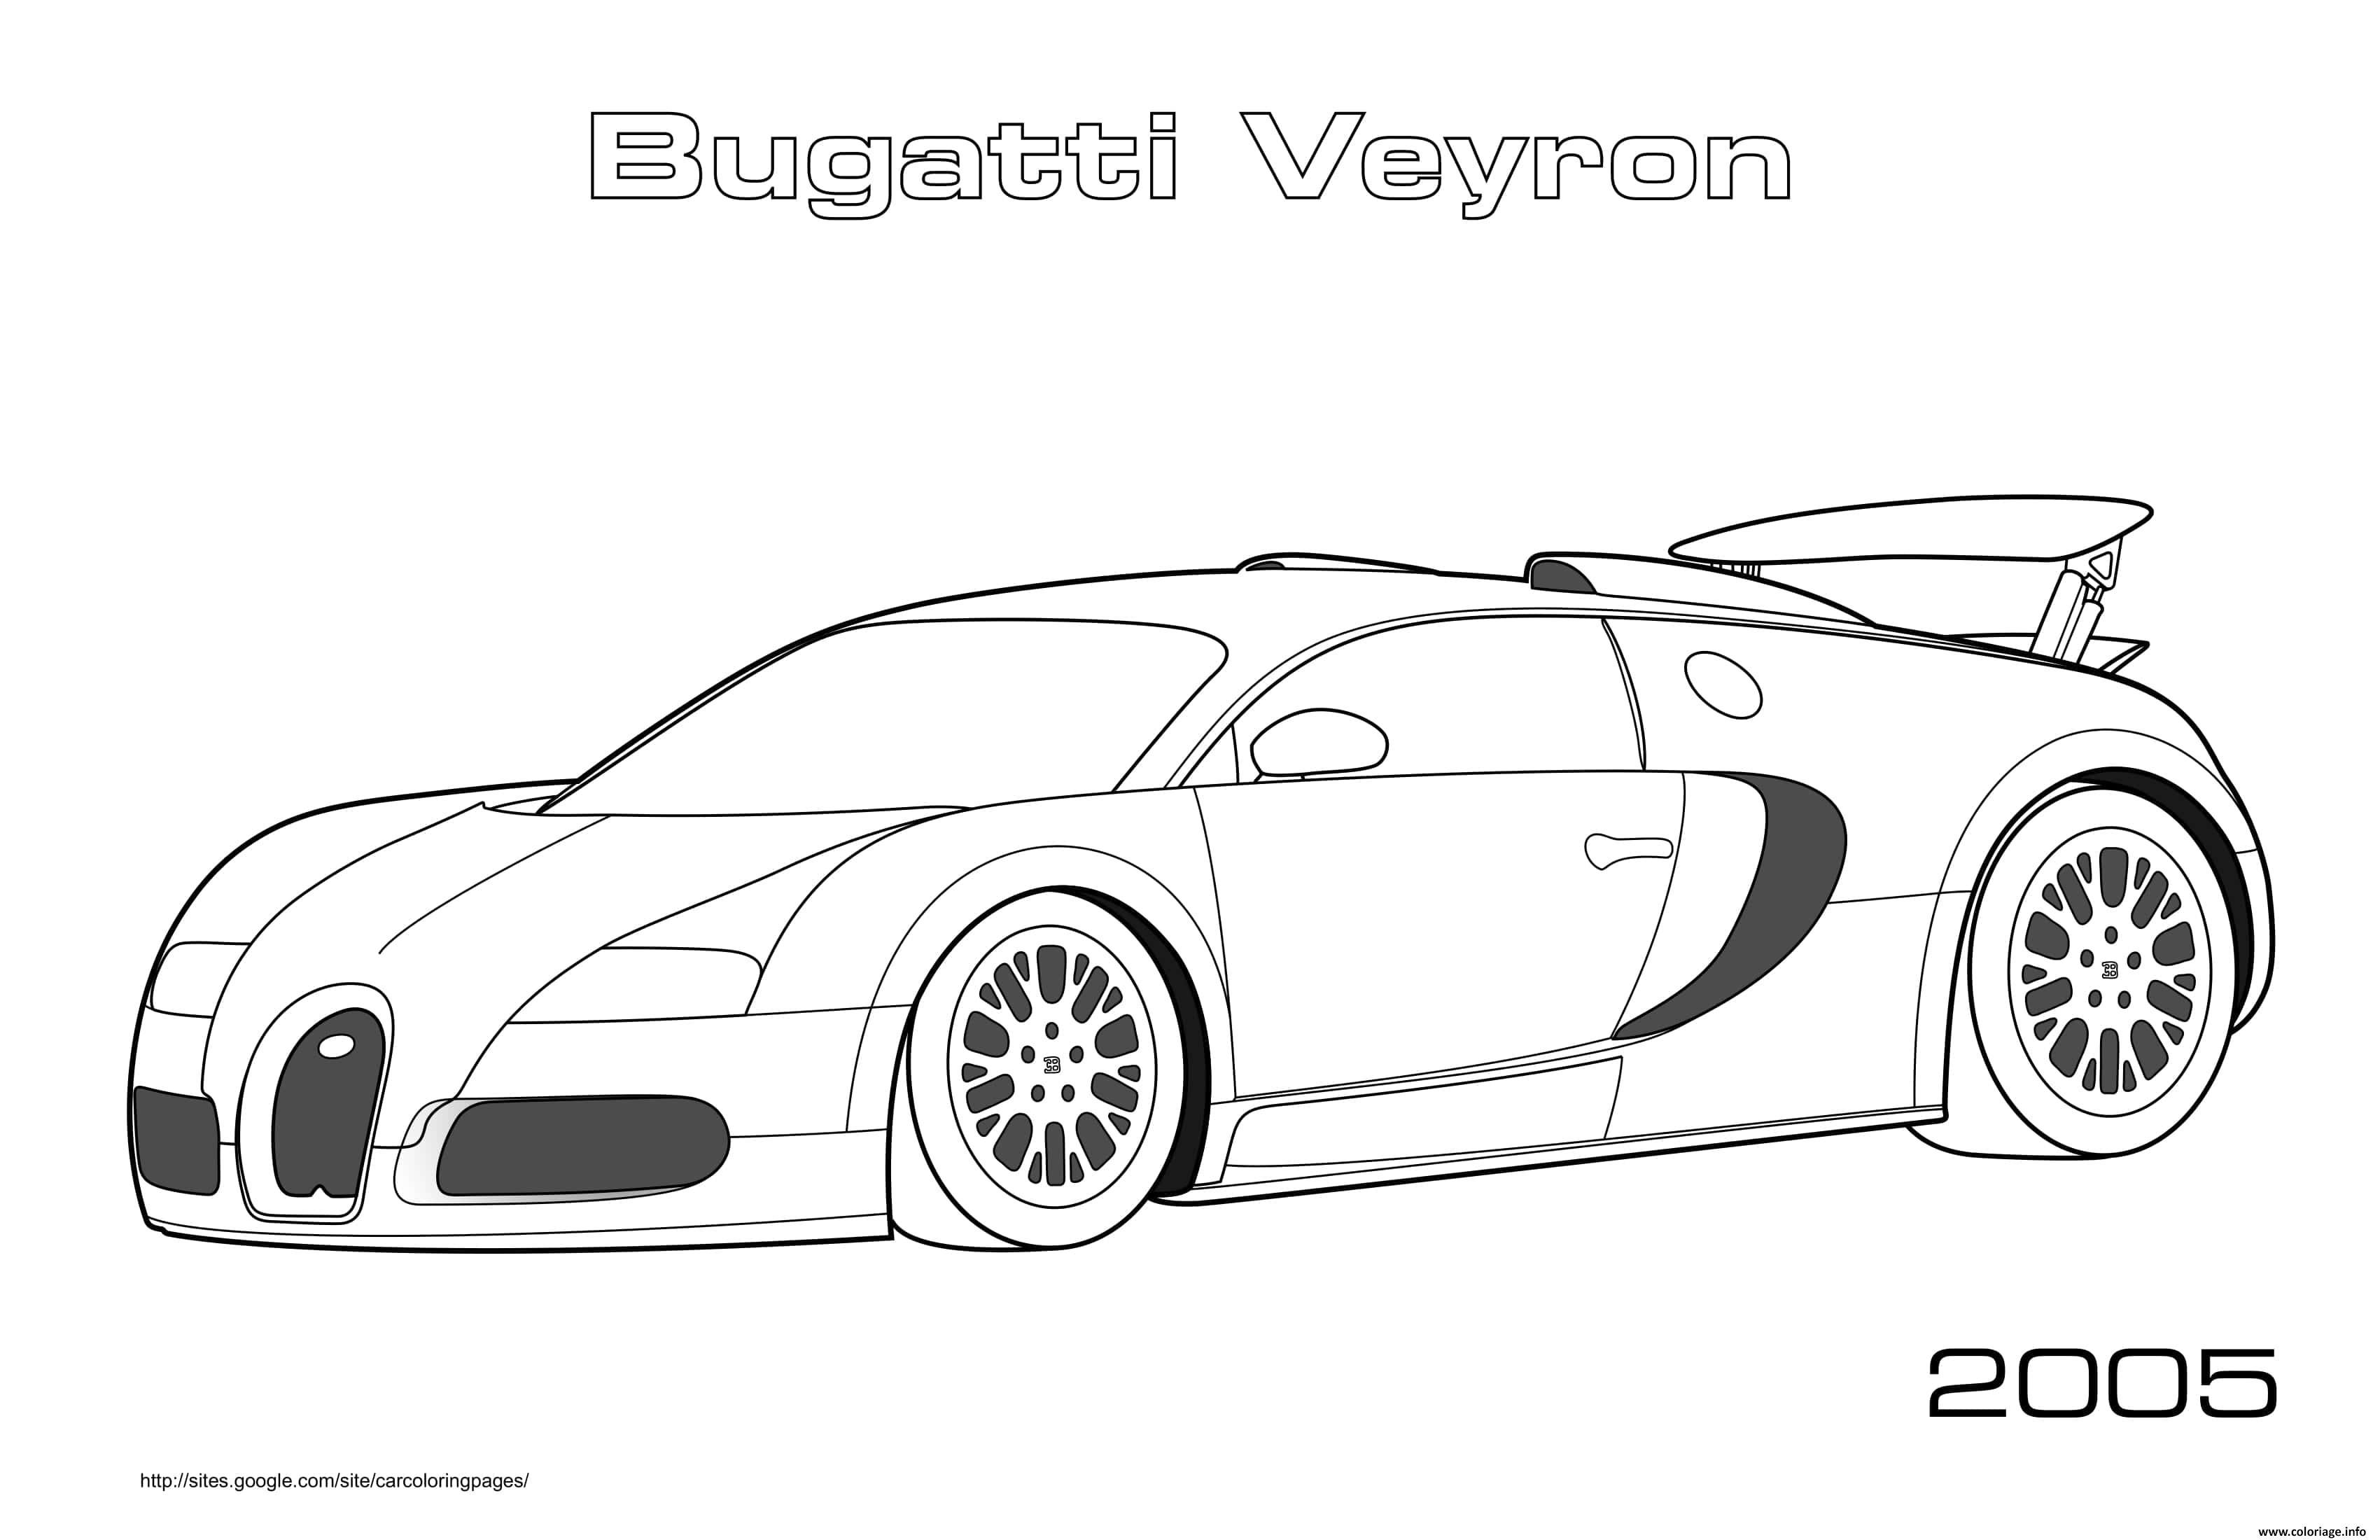 Dessin Bugatti Veyron 2005 Coloriage Gratuit à Imprimer